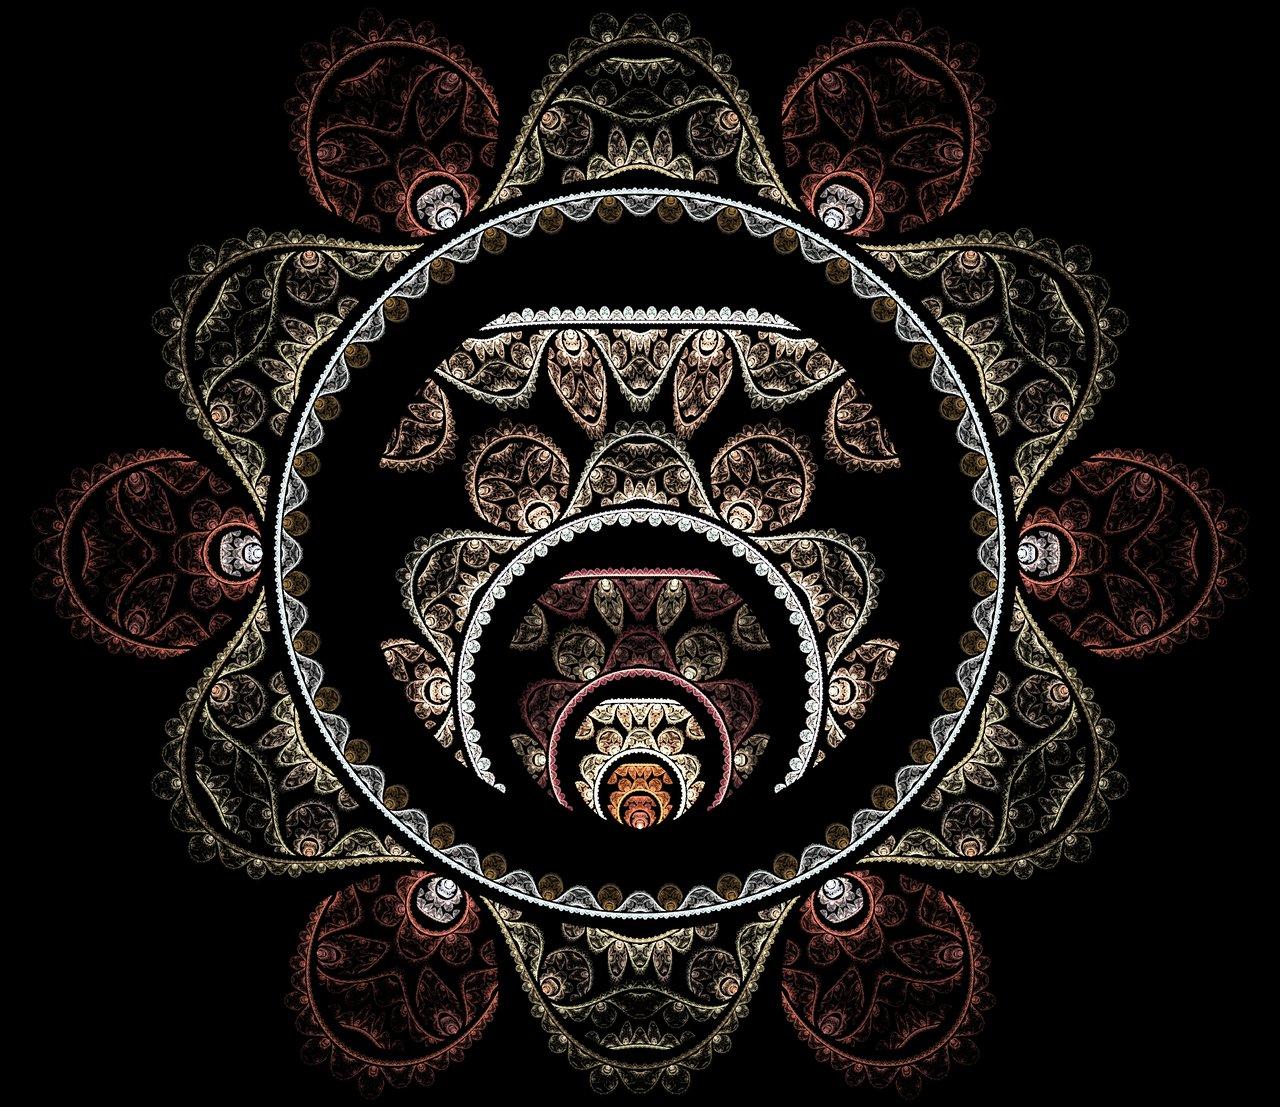 Image: tails24k (deviant art)